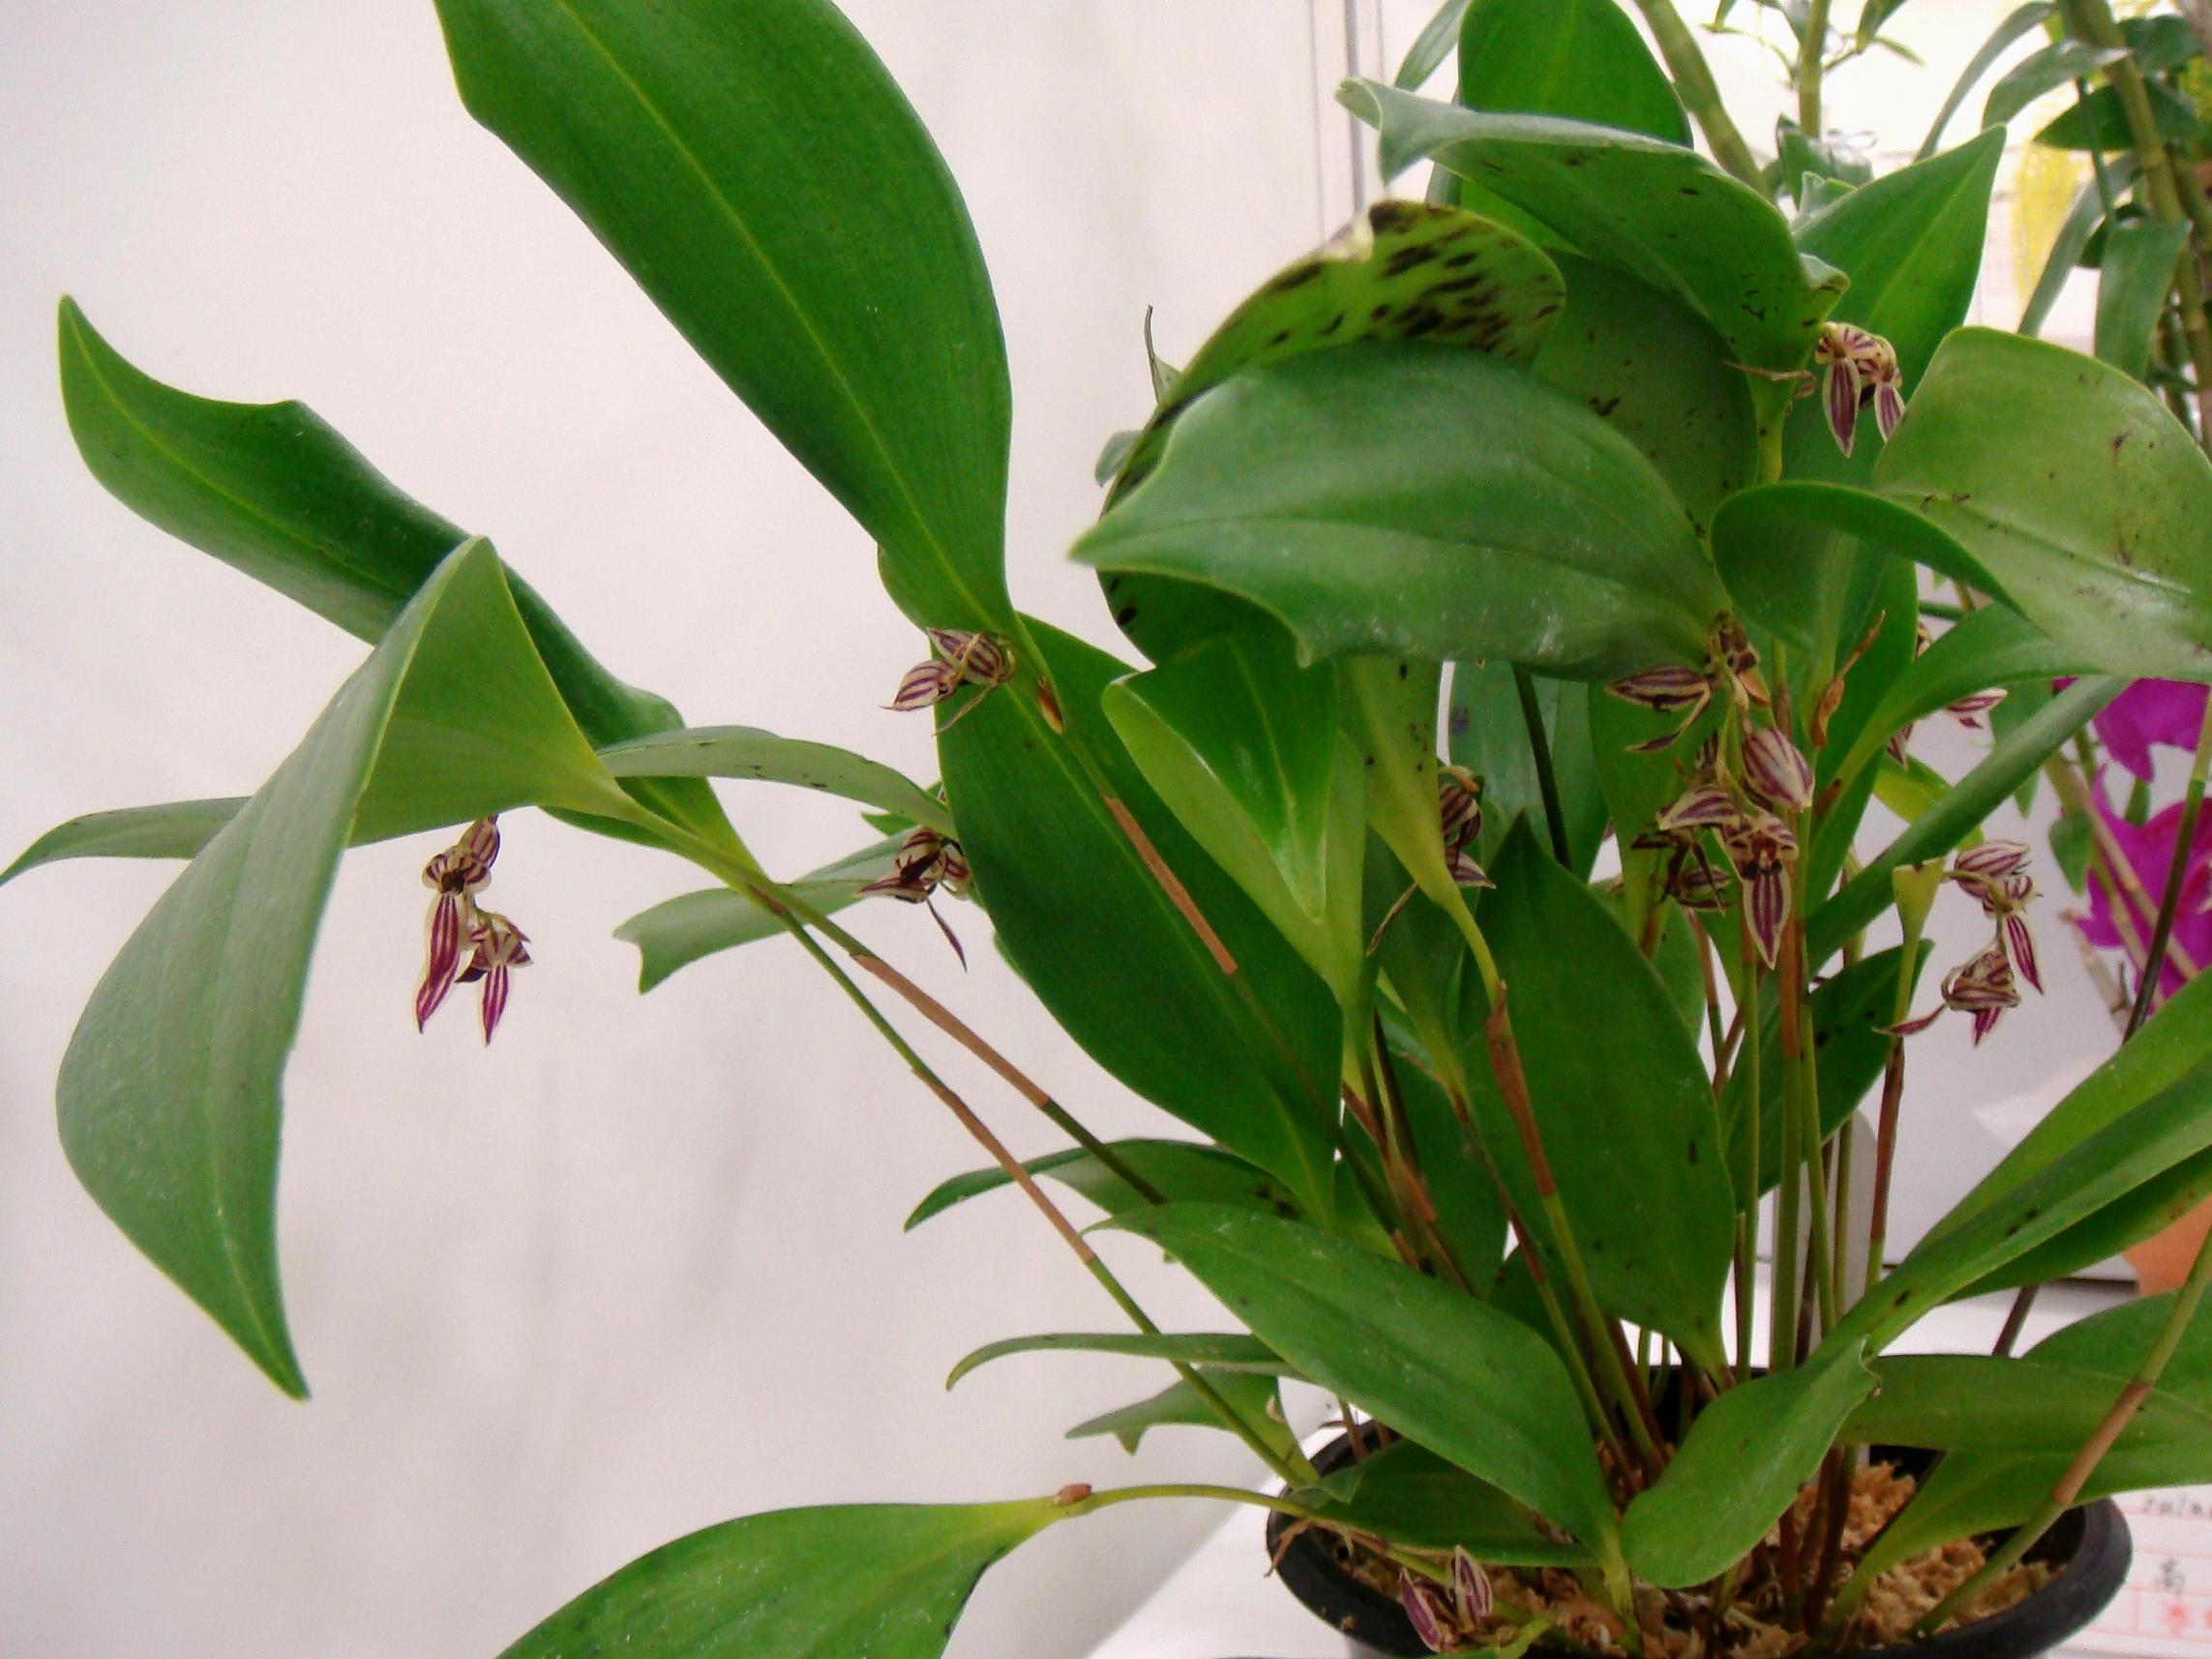 http://orchids.la.coocan.jp/Pleurothallis/Pleurothallis%20secunda/DSC05197.JPG